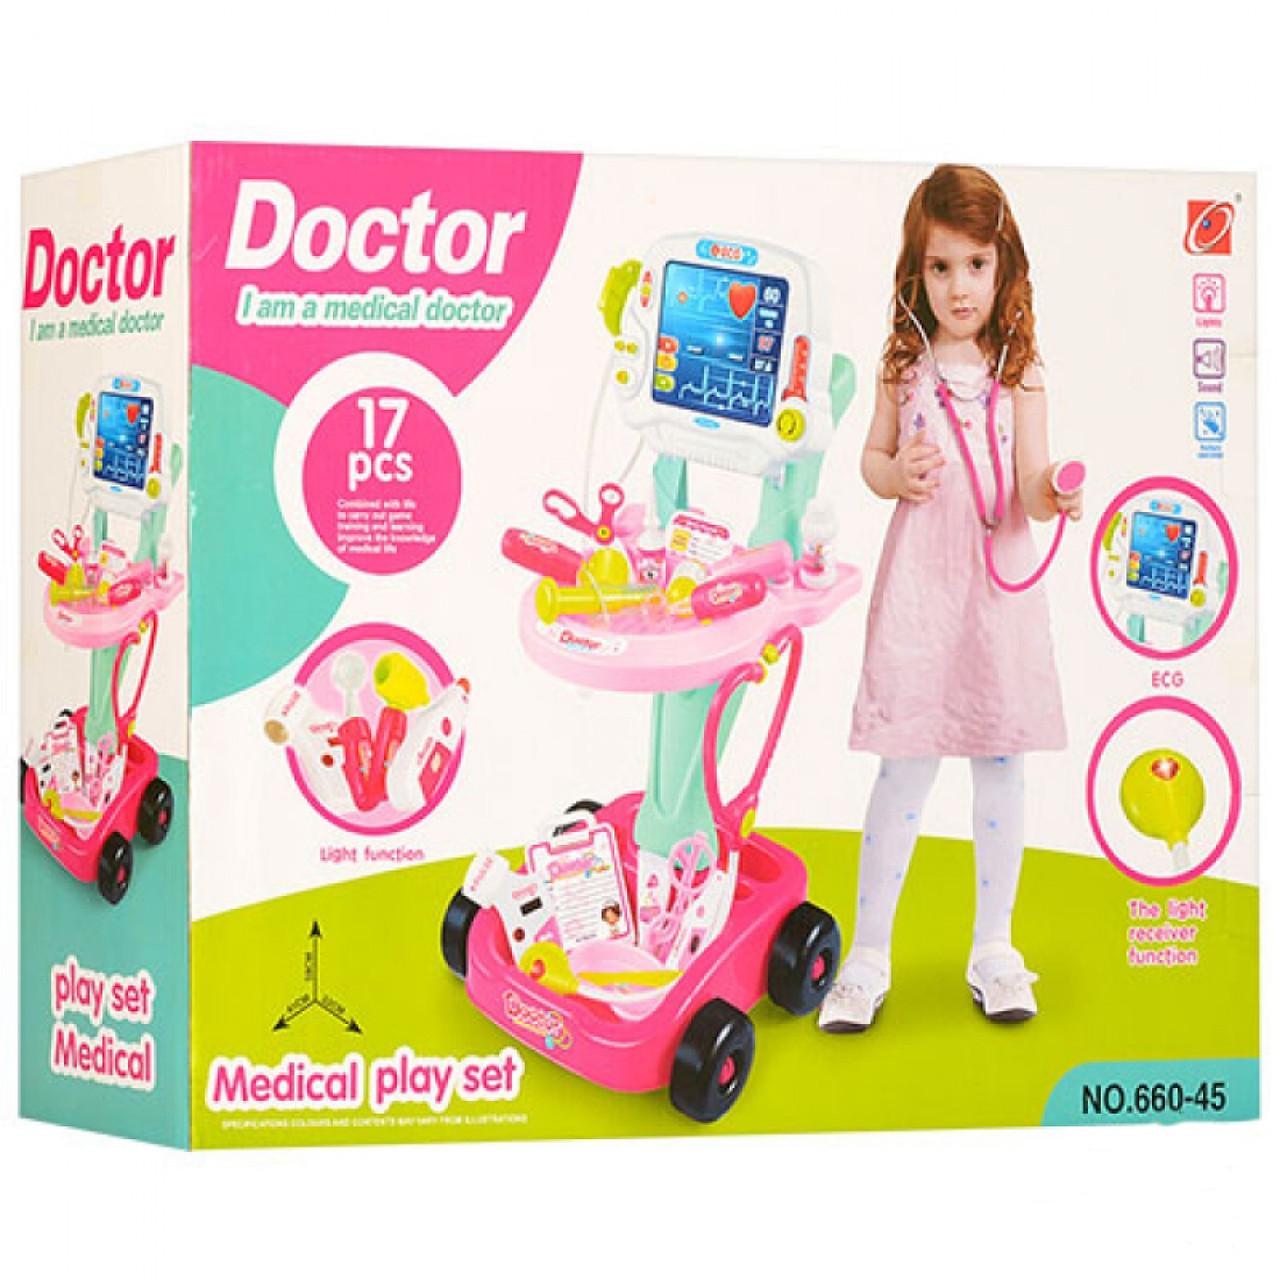 Купить Товары для детей, Игровой набор-тележка Умелый доктор 660-45